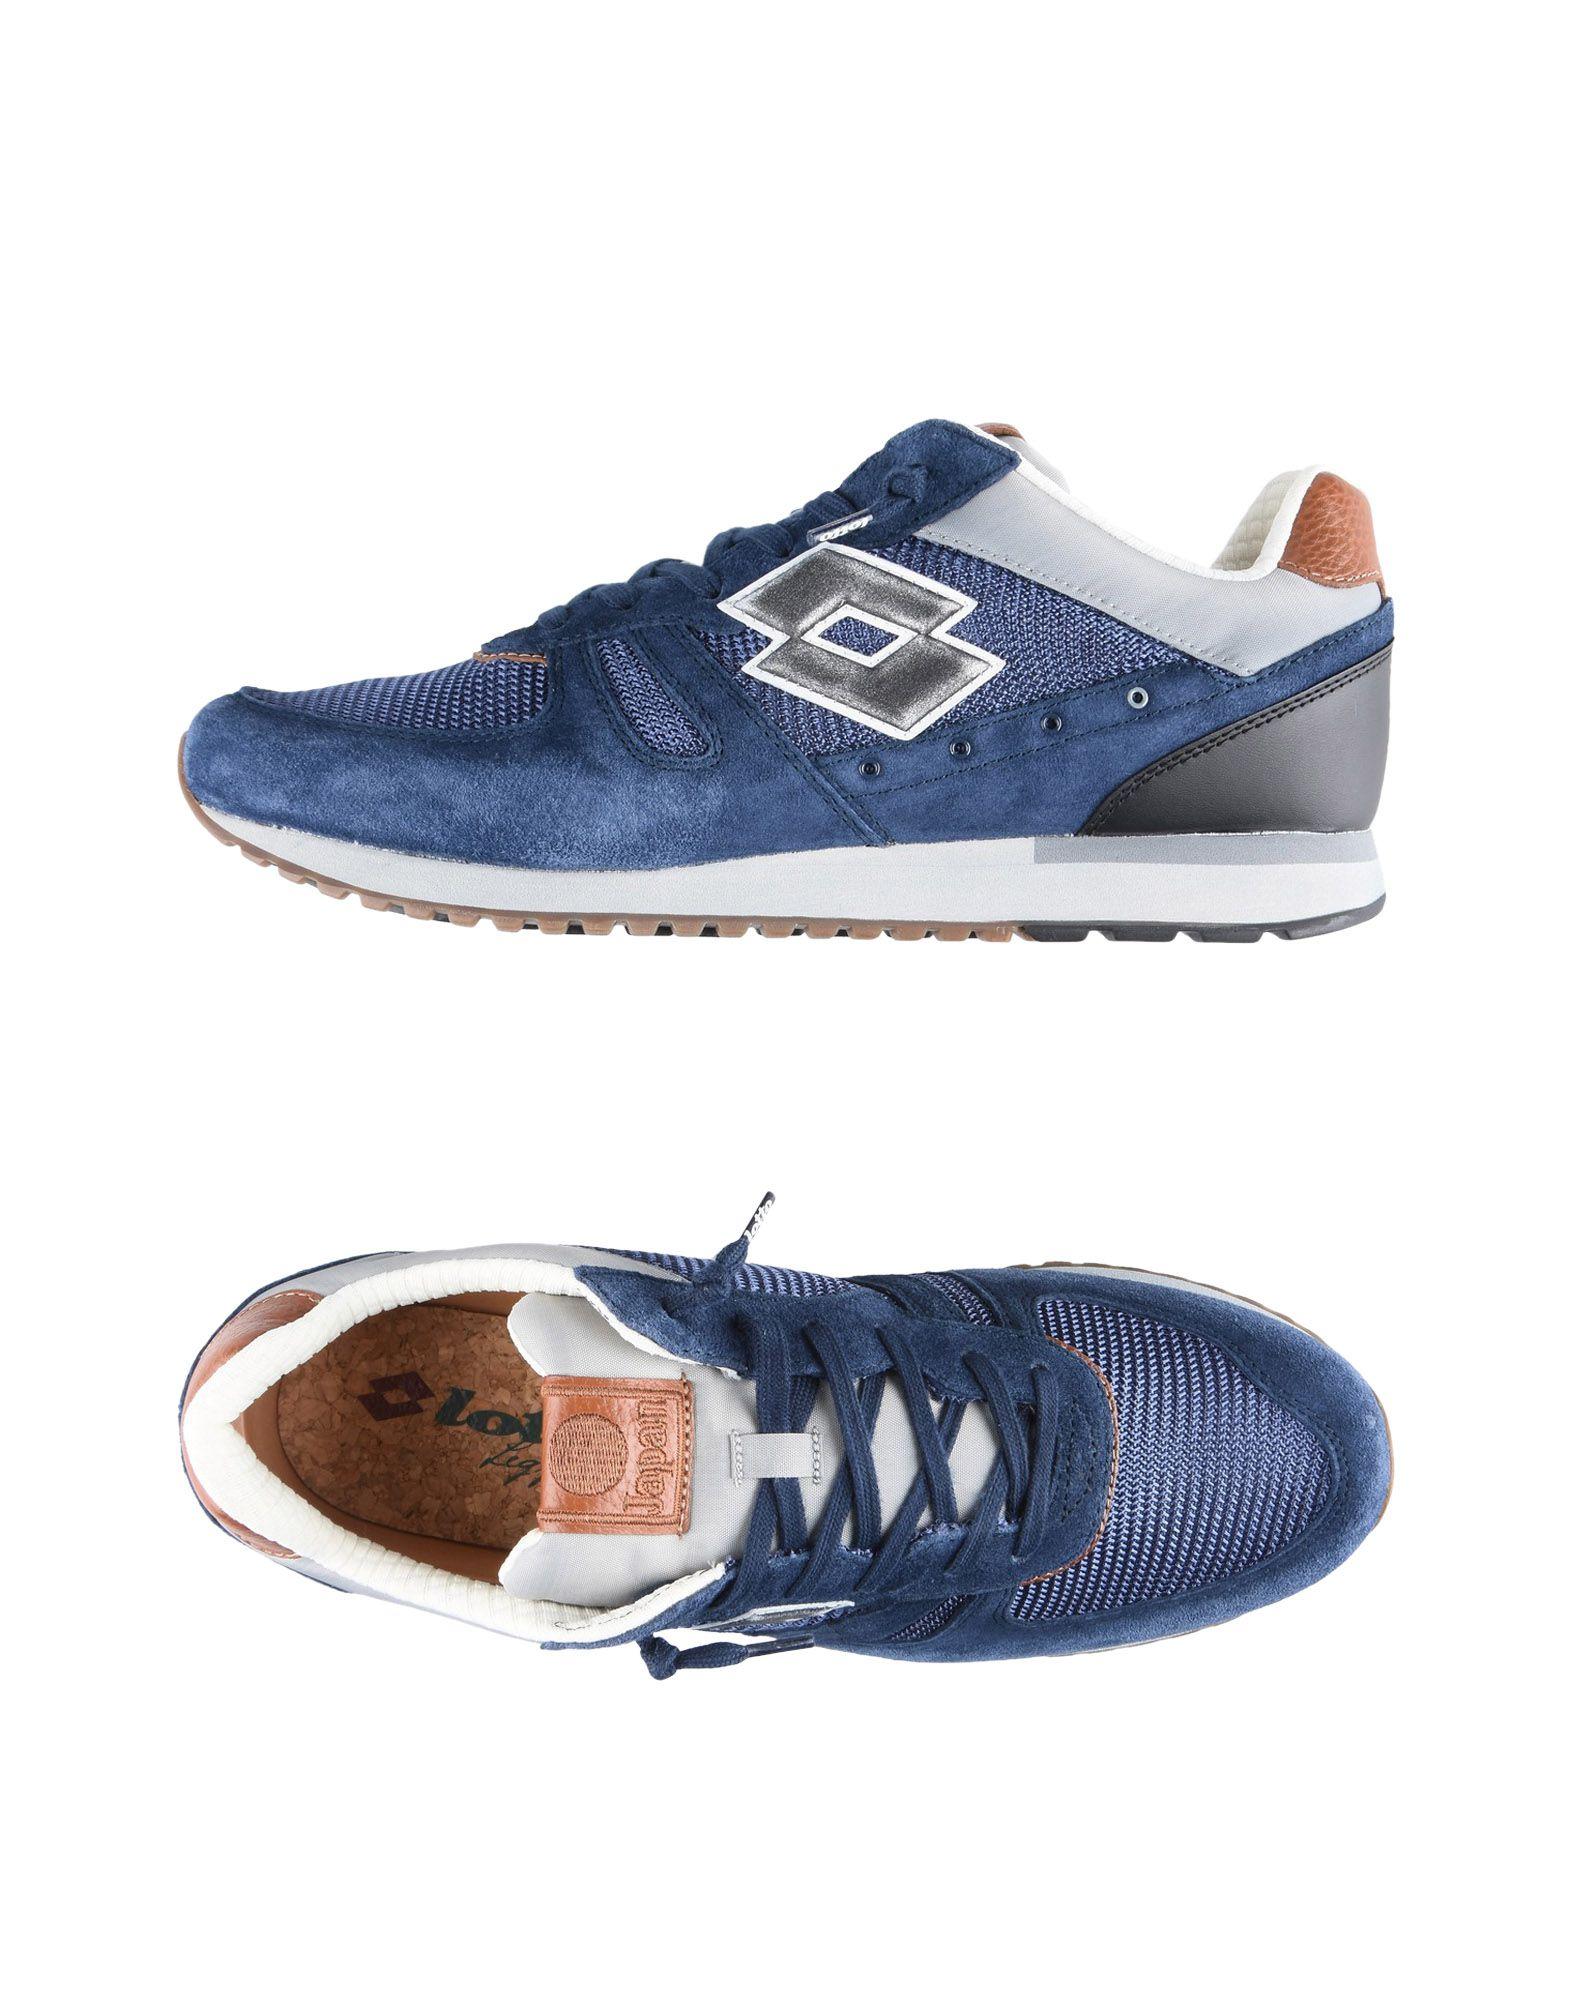 Sneakers Lotto Leggenda  Tokyo Shibuya - Uomo - 11237656JD